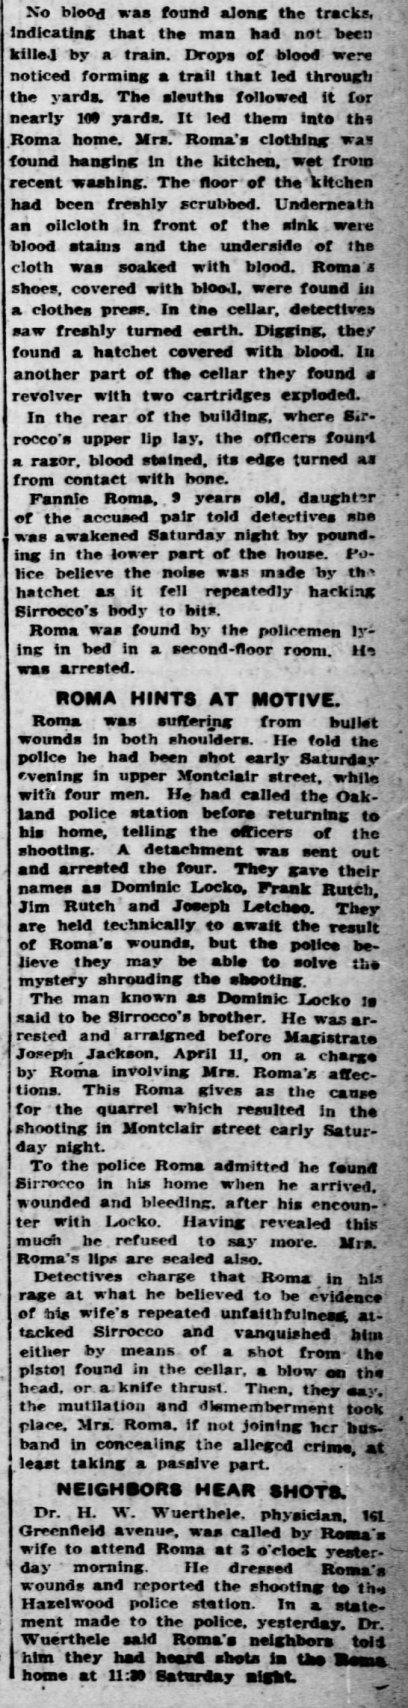 Pittsburgh Post, April 29, 1912